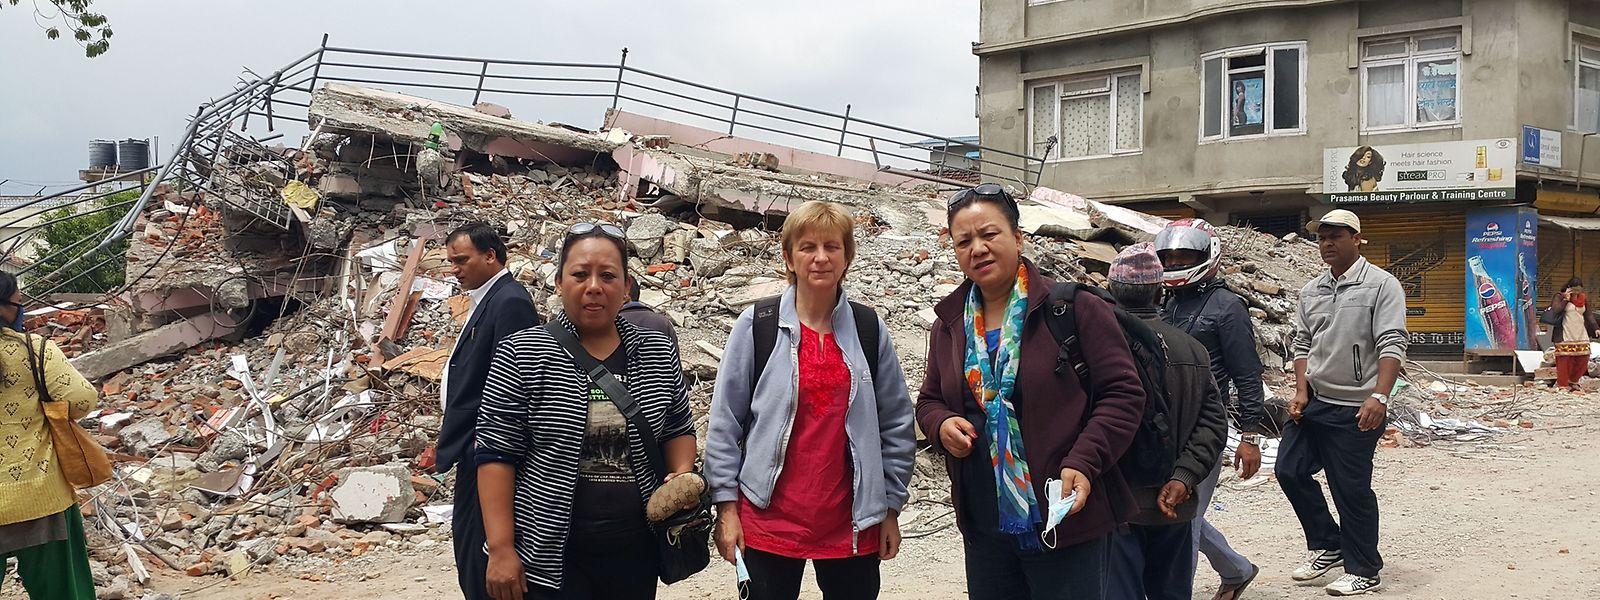 La mission d'Isabelle Dusquesne (au centre) a été complètement chamboulée au lendemain de son arrivée au Népal. En pleine réunion de travail avec ses partenaires de l'ONG Pourakhi, la coordinatrice de Caritas Luxembourg a dû quitter précipitamment la maison qui bougeait.